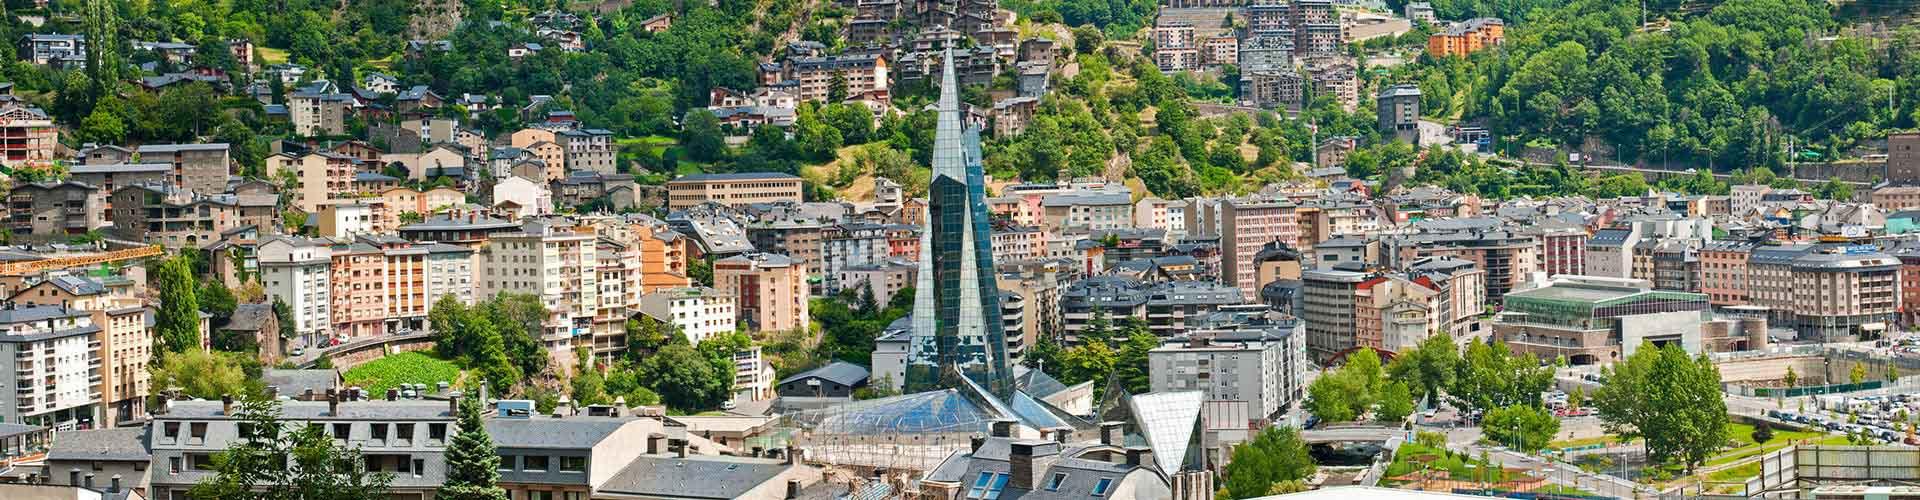 Andorra la Vella – Hotéis em Andorra la Vella. Mapas para Andorra la Vella, Fotos e Avaliações para cada Hotel Andorra la Vella.